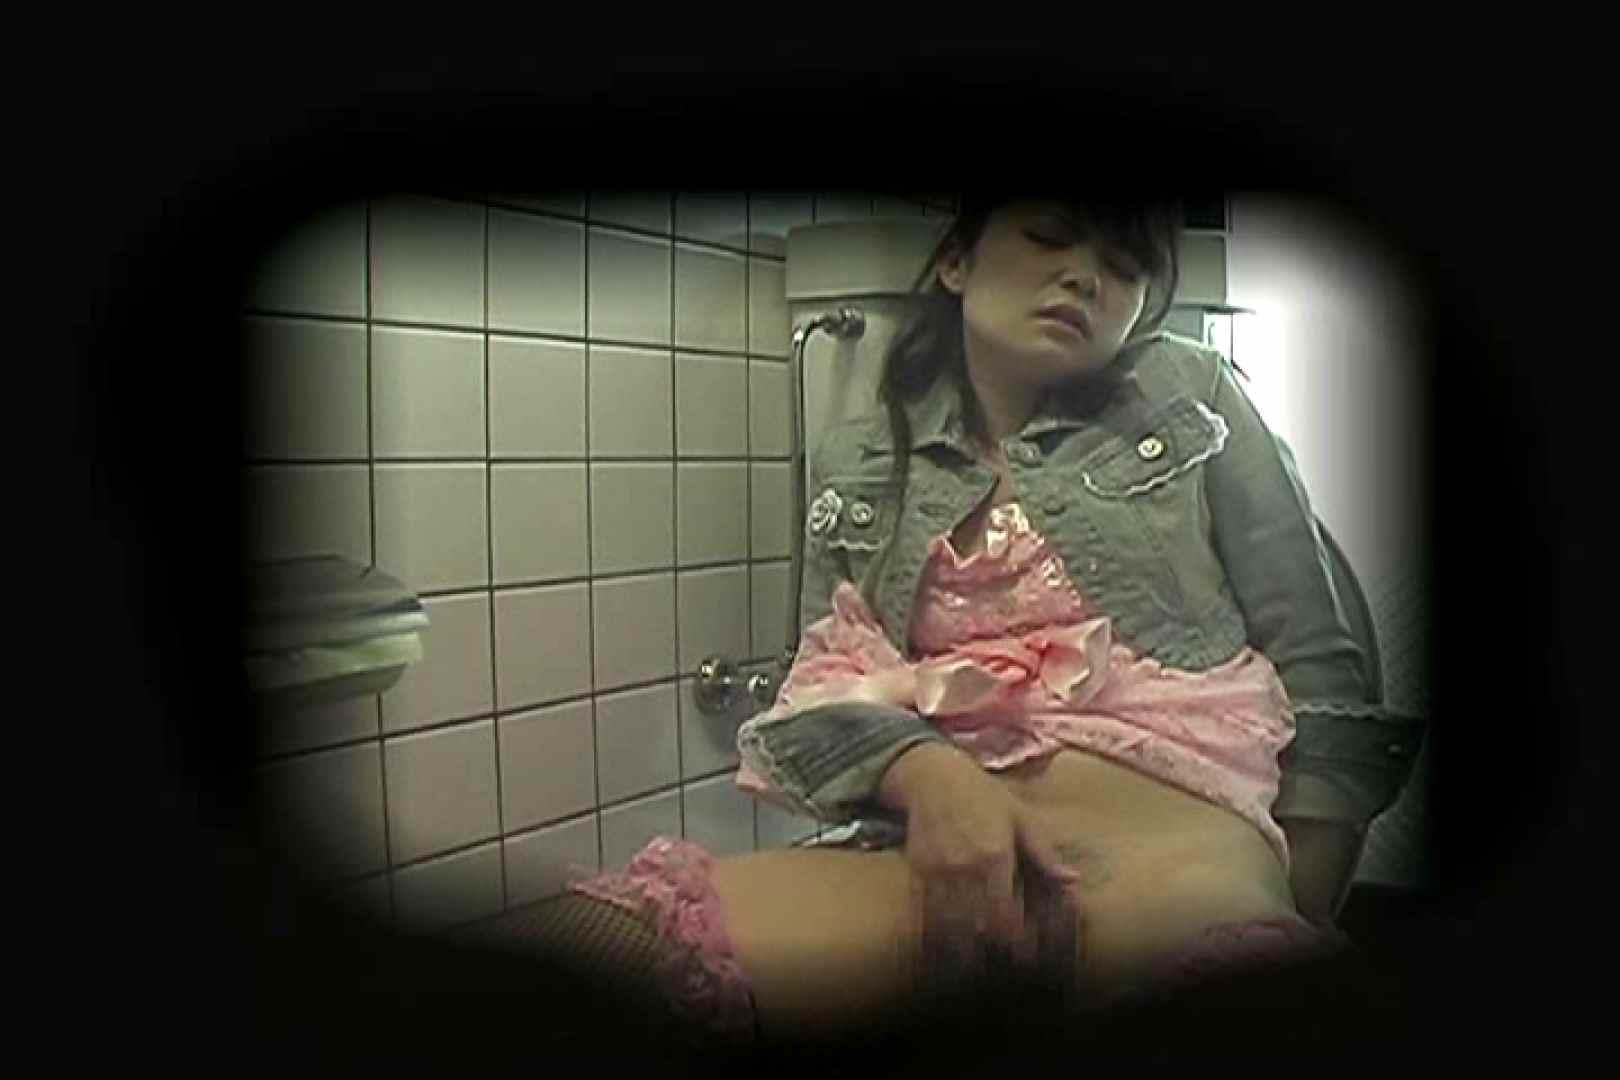 自慰天国女子洗面所Vol.6 OLの実態 覗きワレメ動画紹介 96pic 30